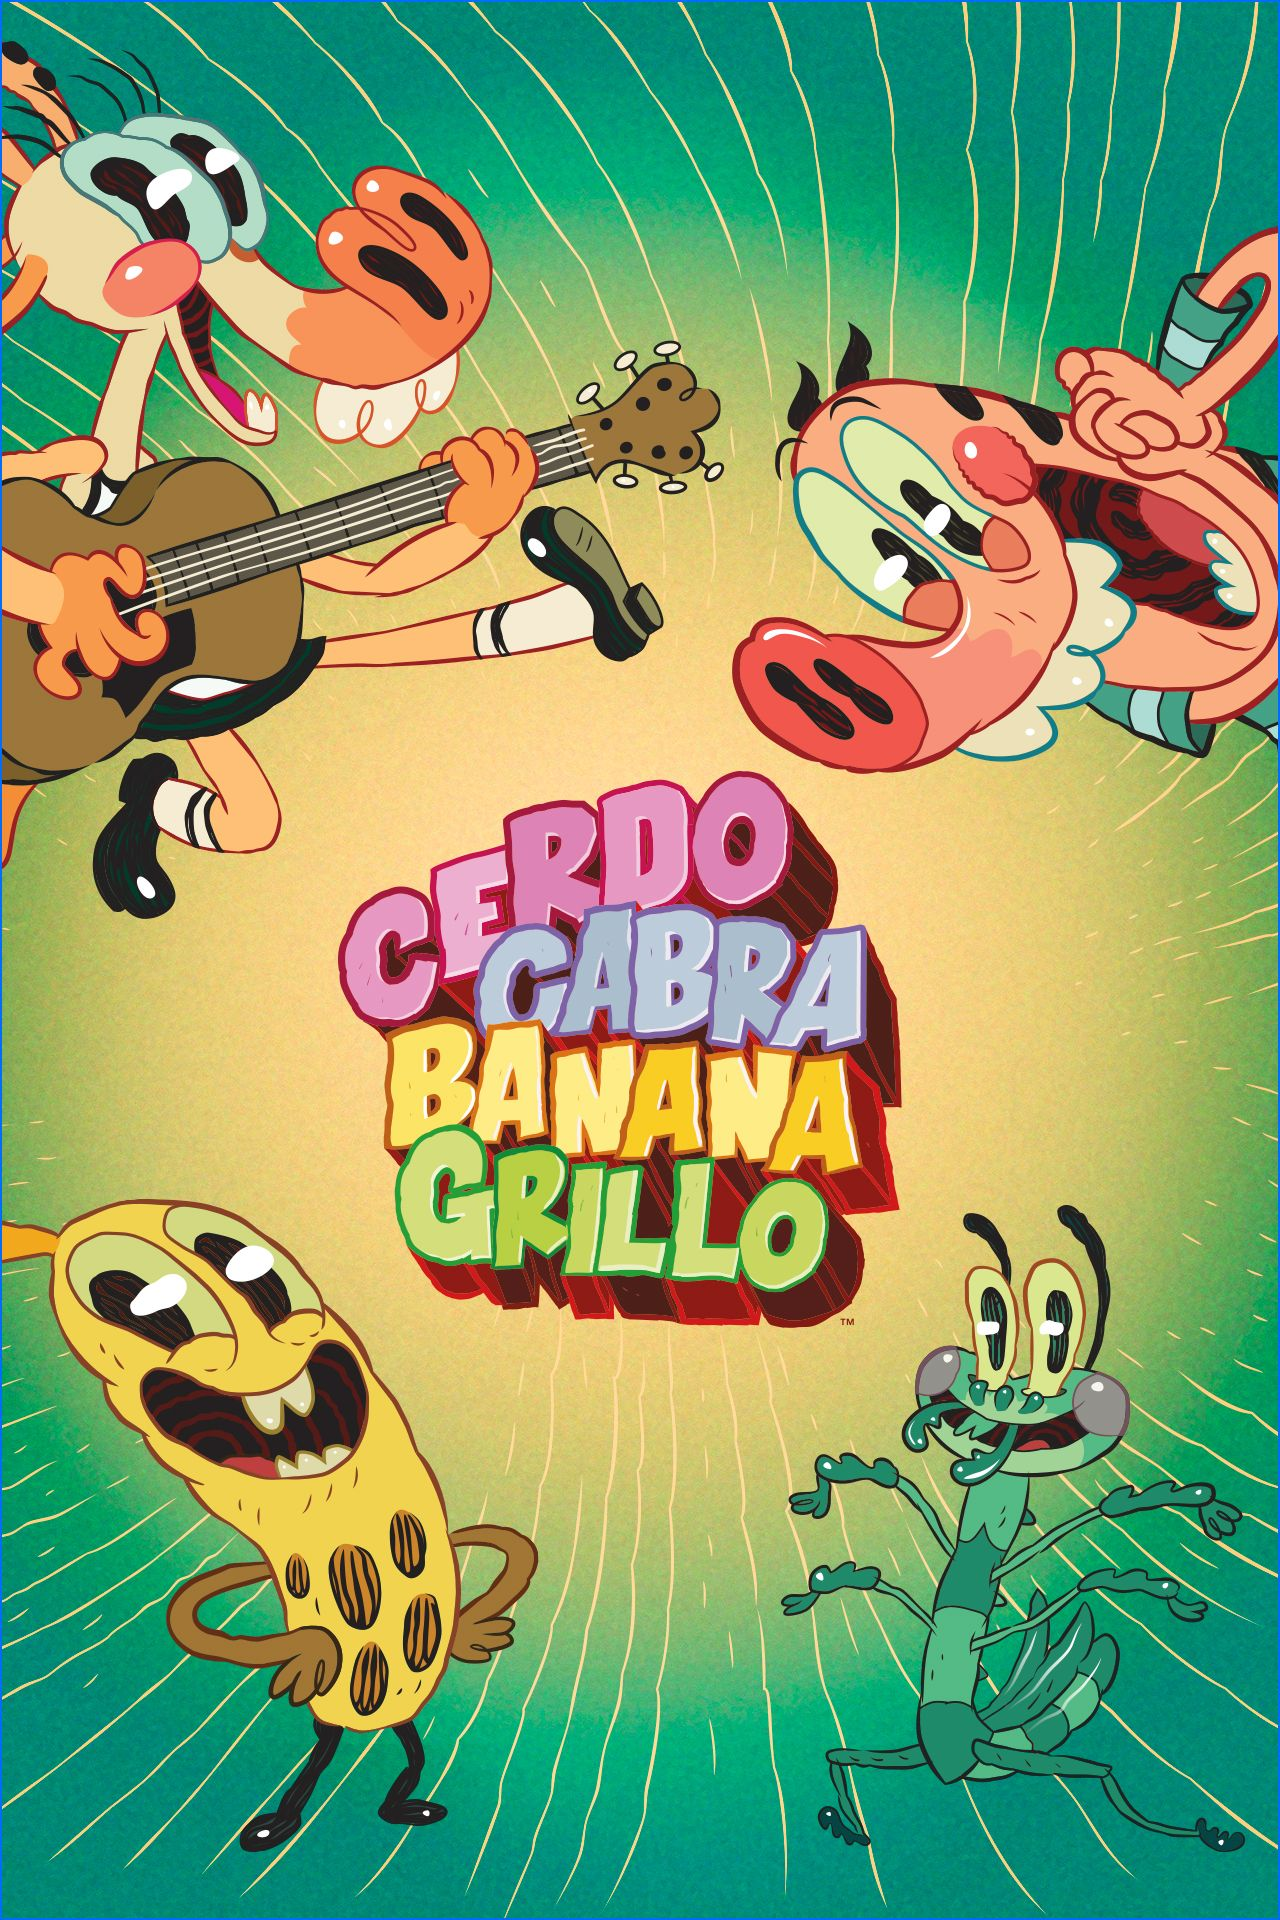 Cerdo Cabra Banana Grillo